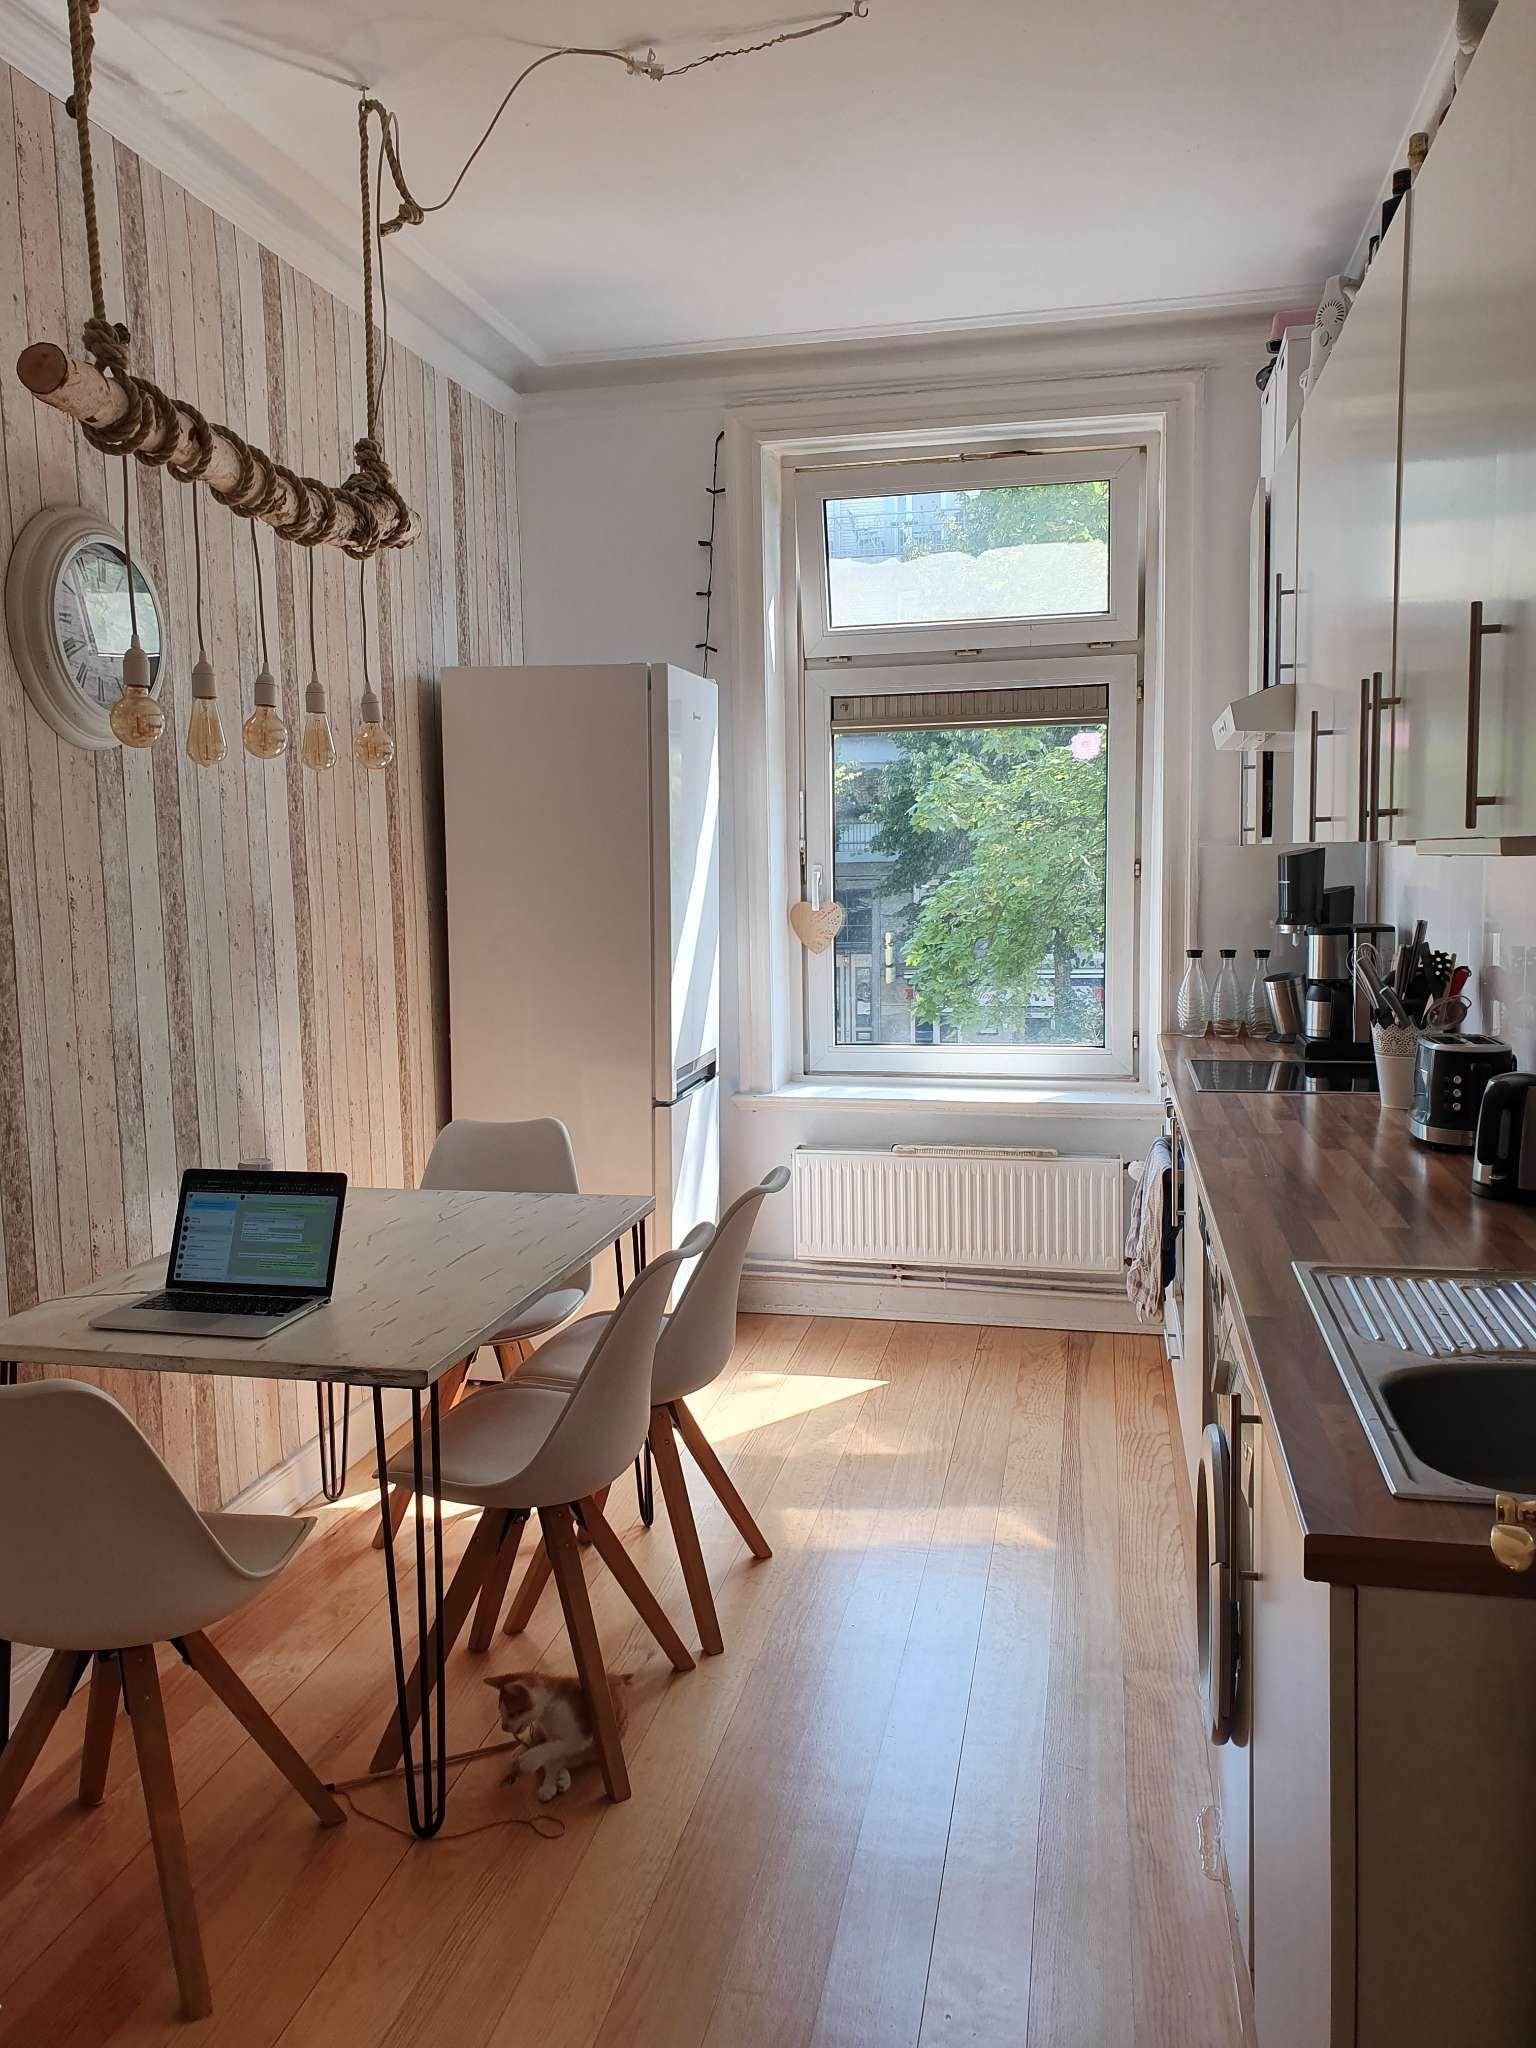 Küche im skandinavischen Stil mit DIY-Lampe